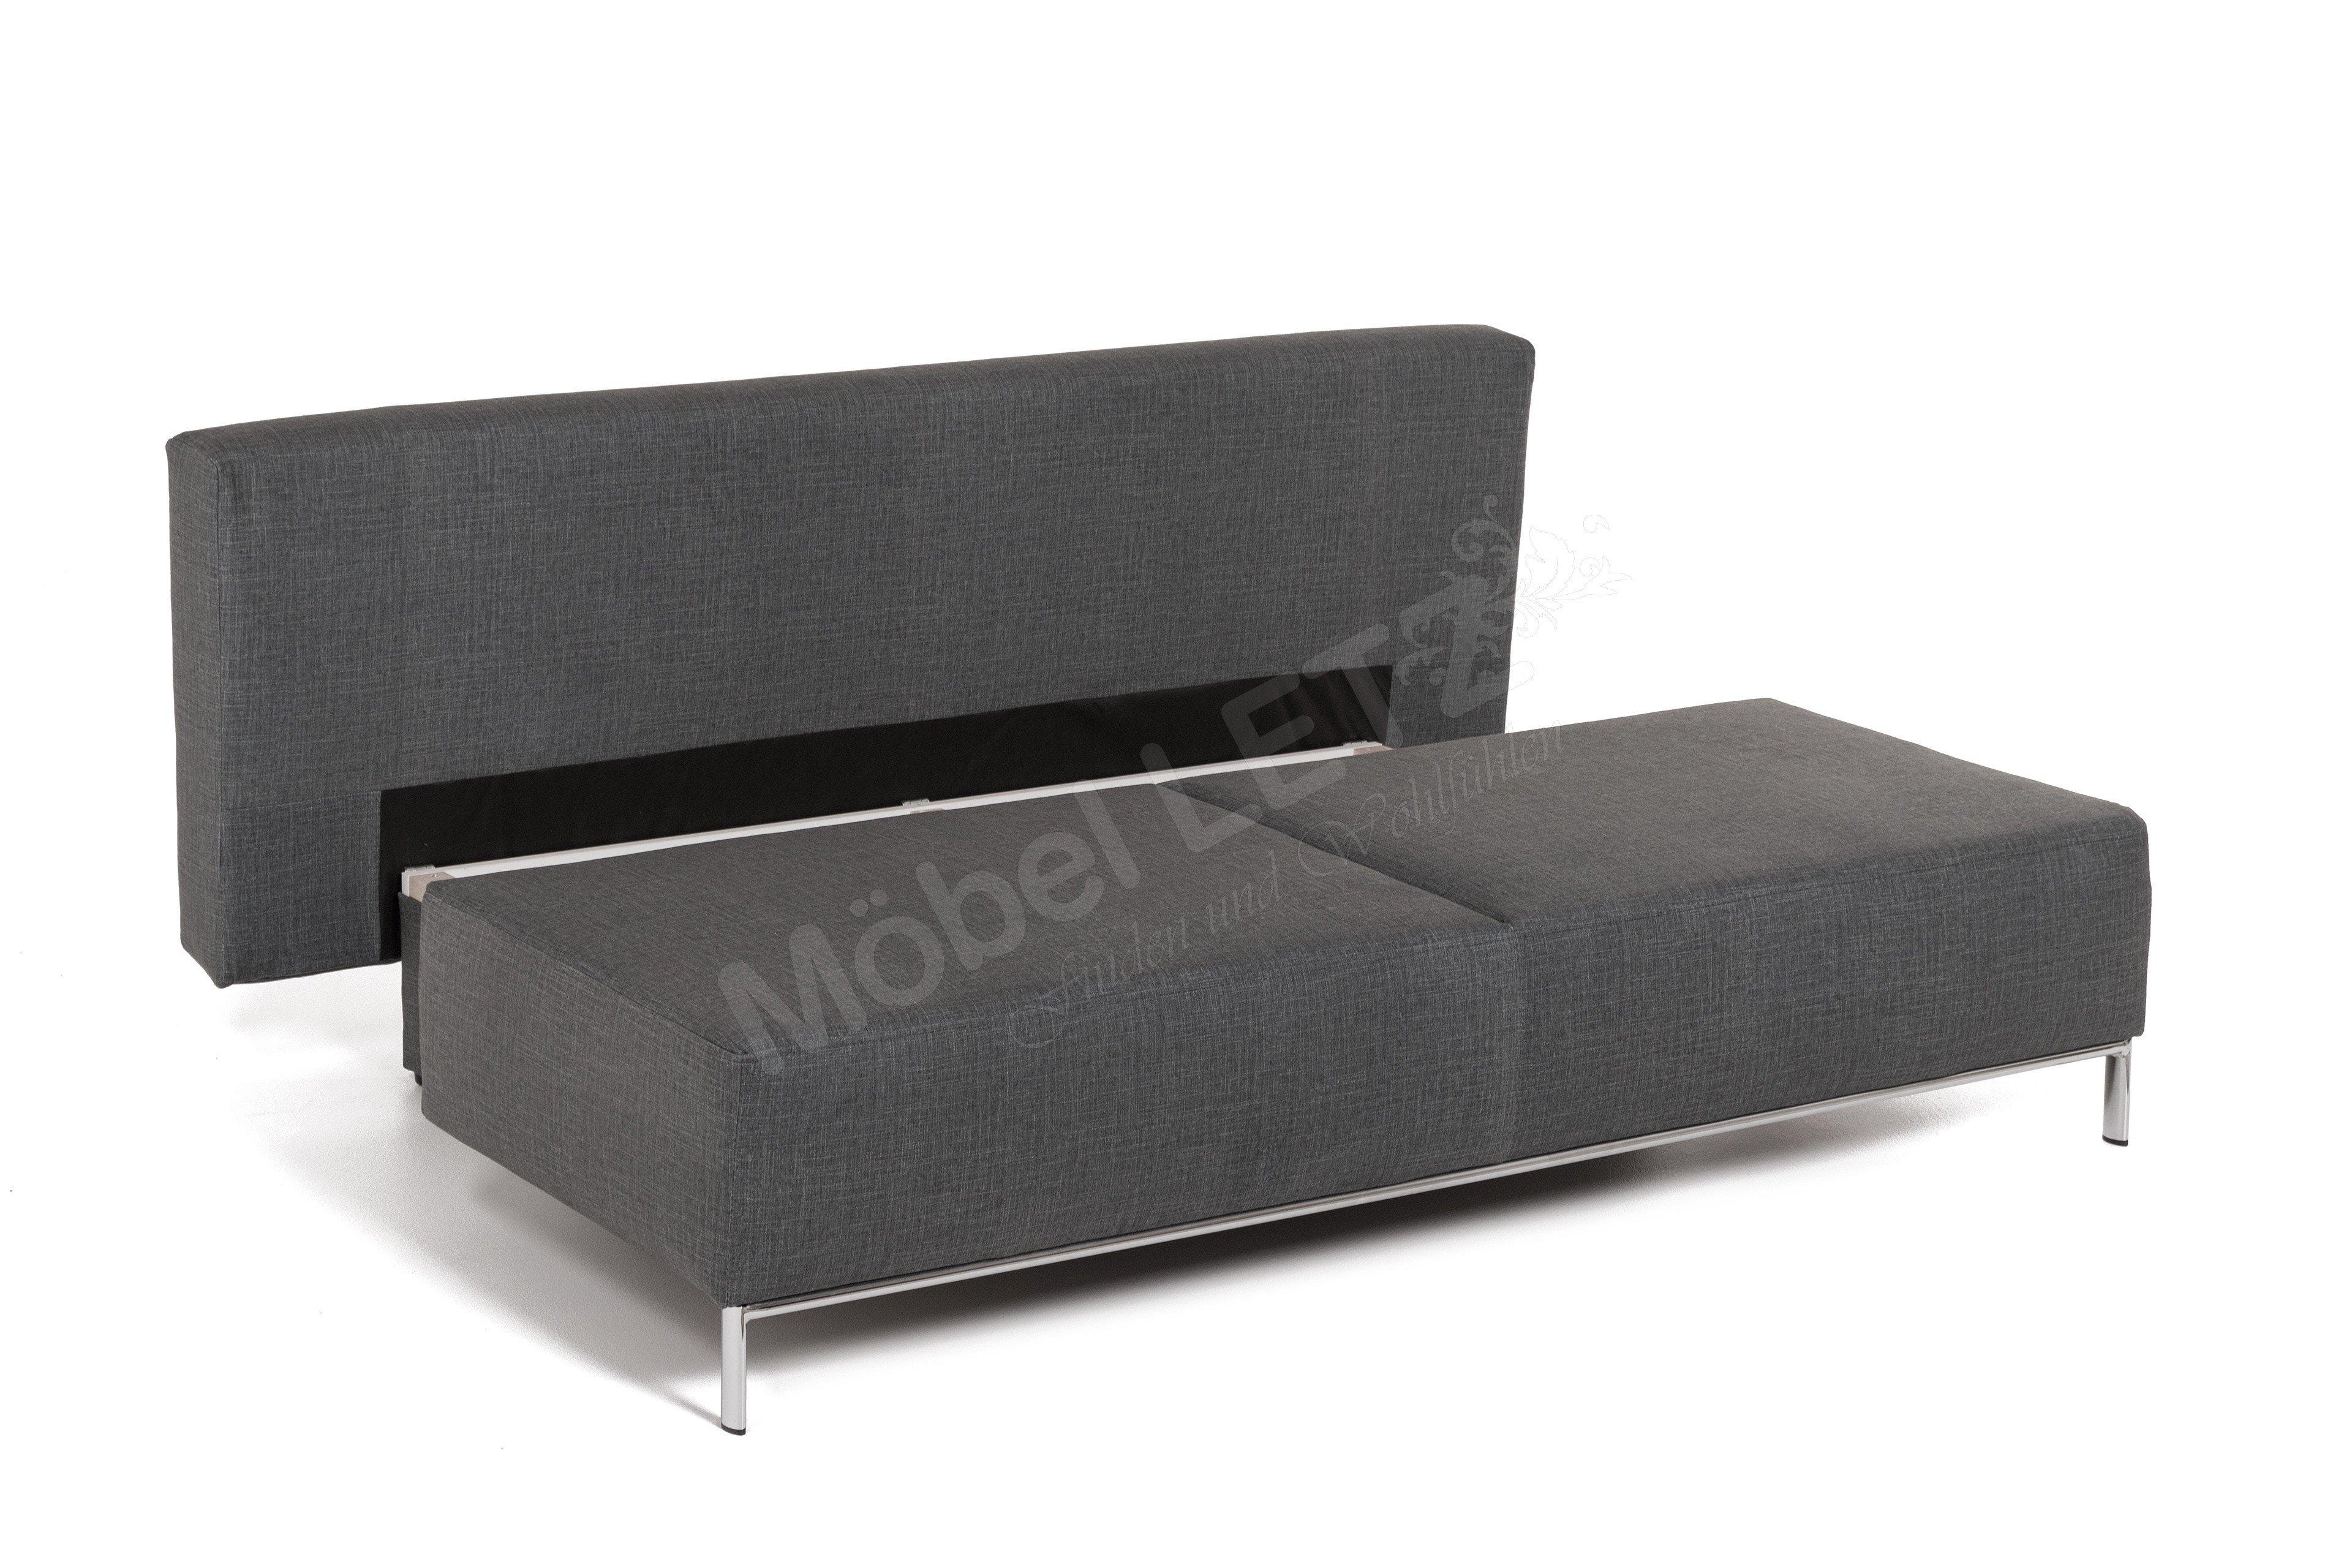 m bel mahler schlafsofas luxus schlafzimmer modern qvc outlet bettw sche leinen 155x220. Black Bedroom Furniture Sets. Home Design Ideas